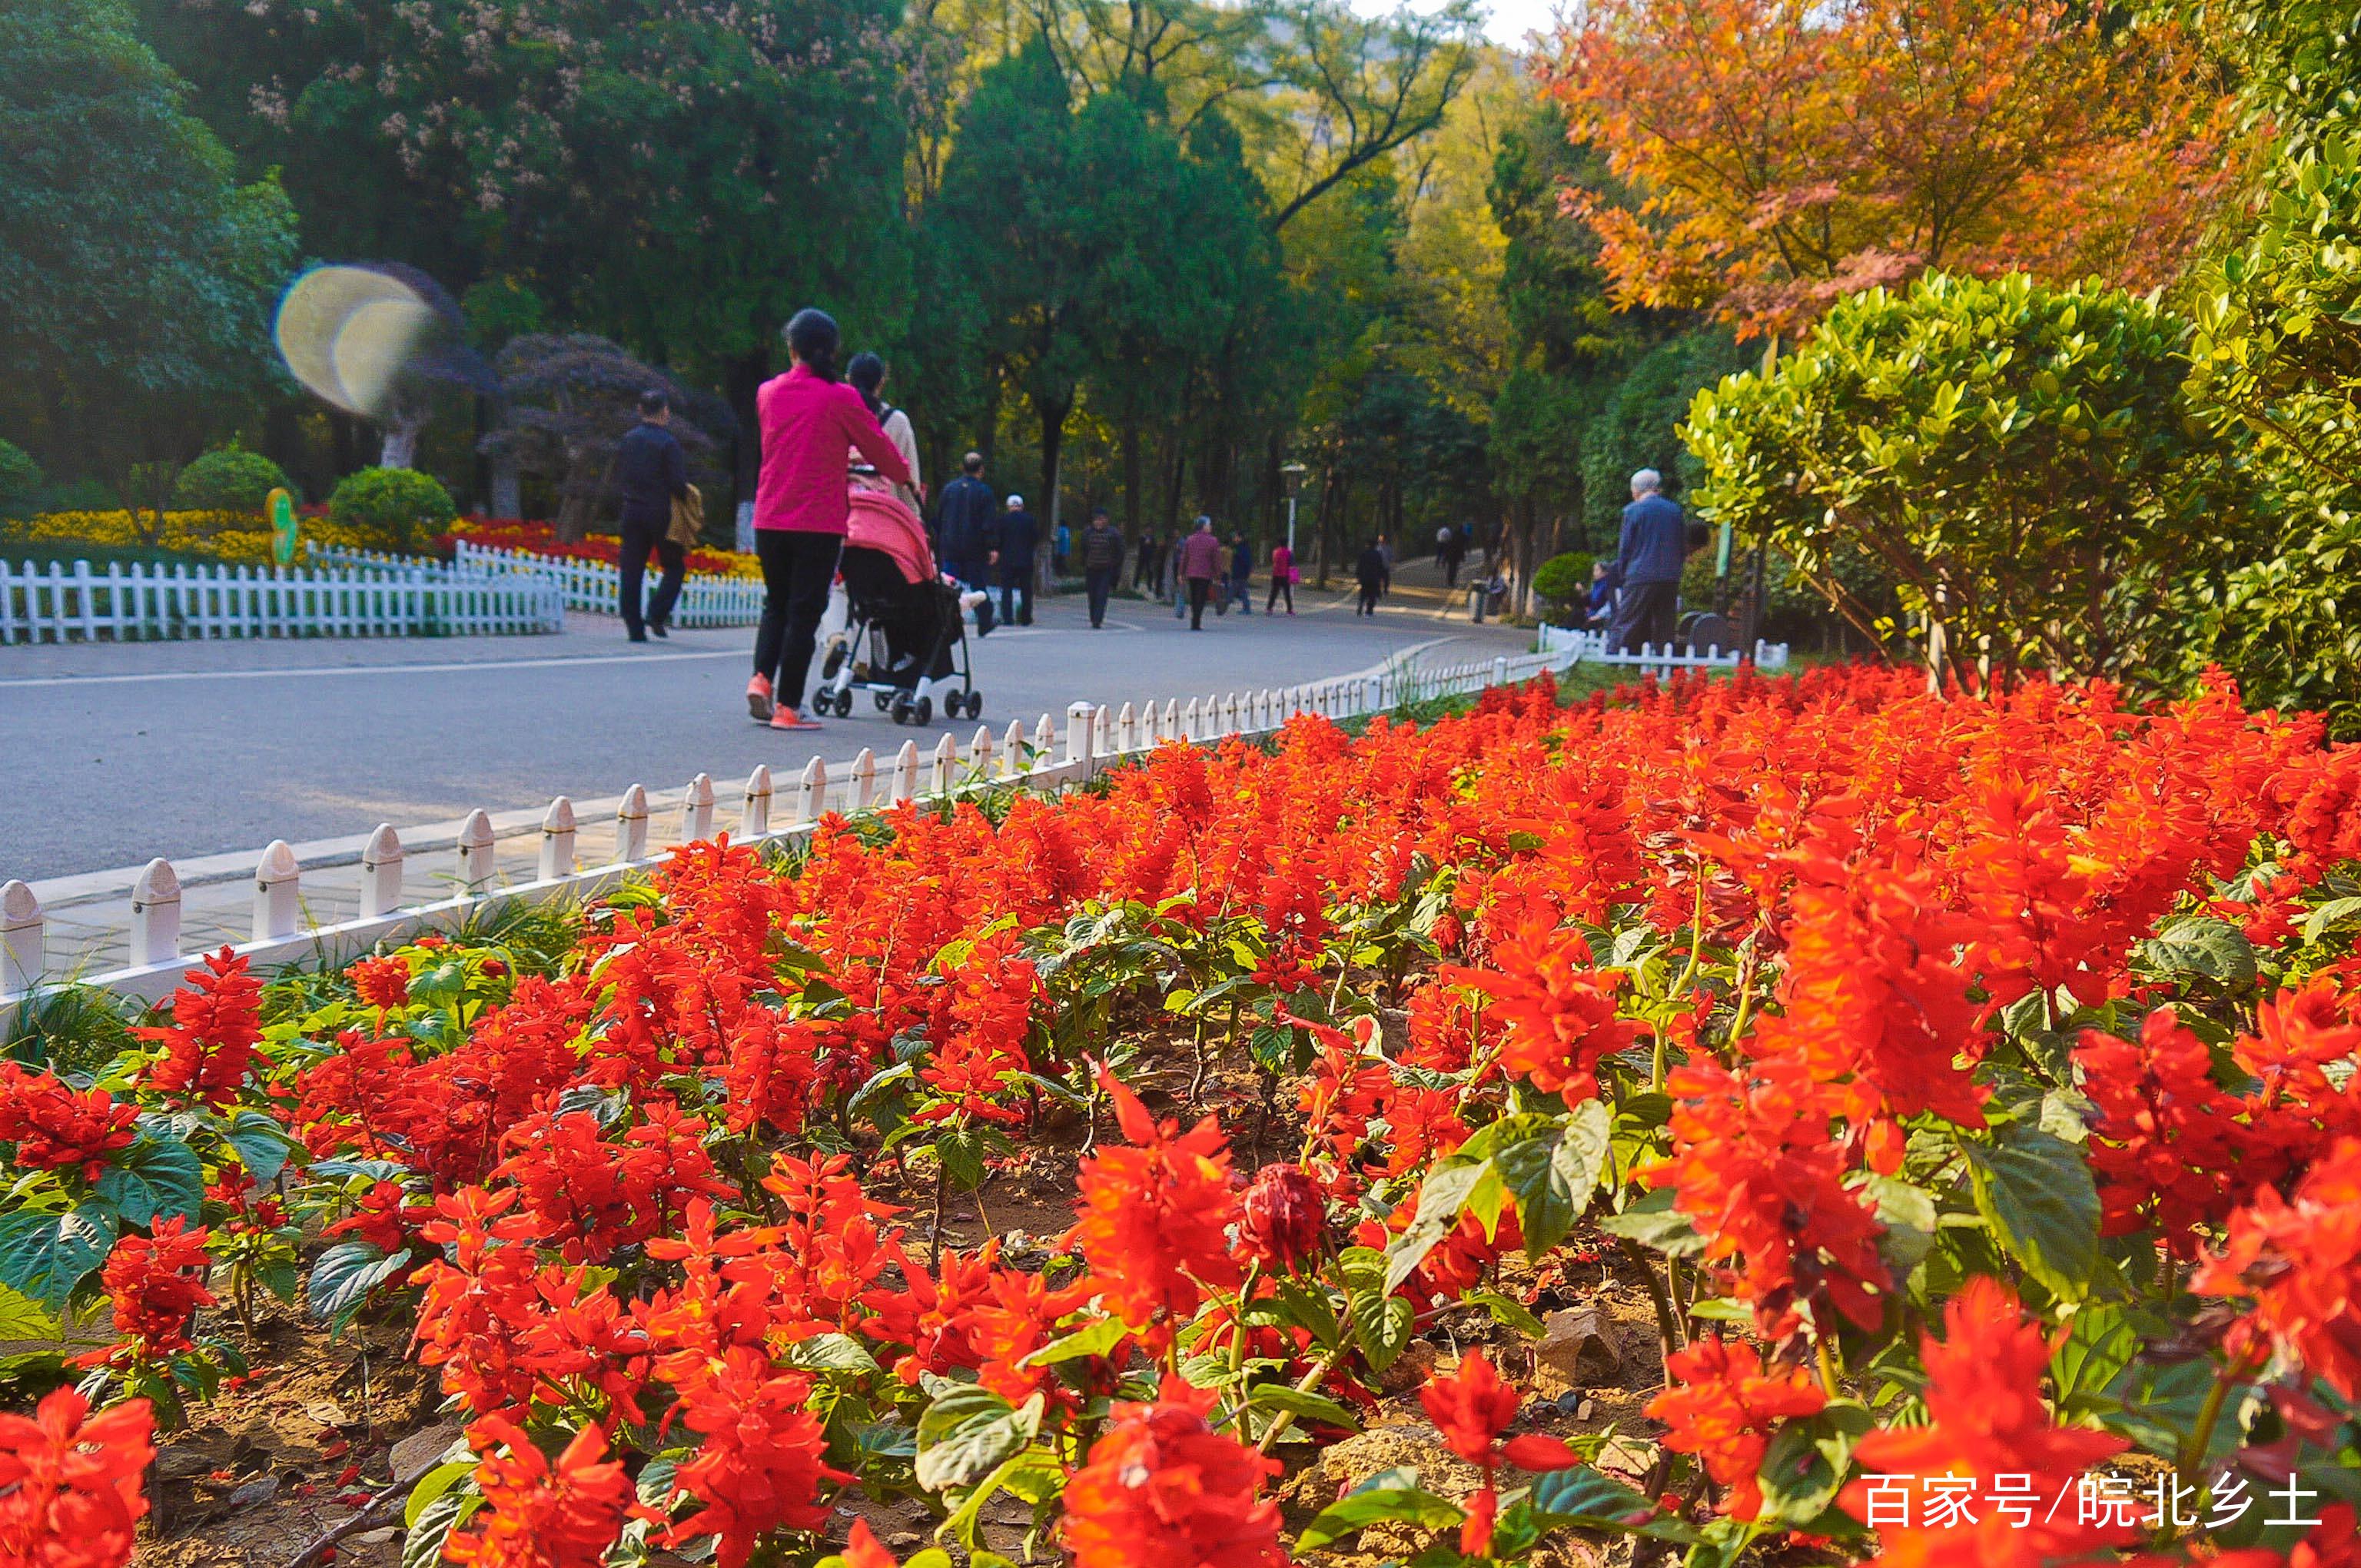 相山脚下是相山公园,鲜花盛开风景如画,是市民休闲的好去处.